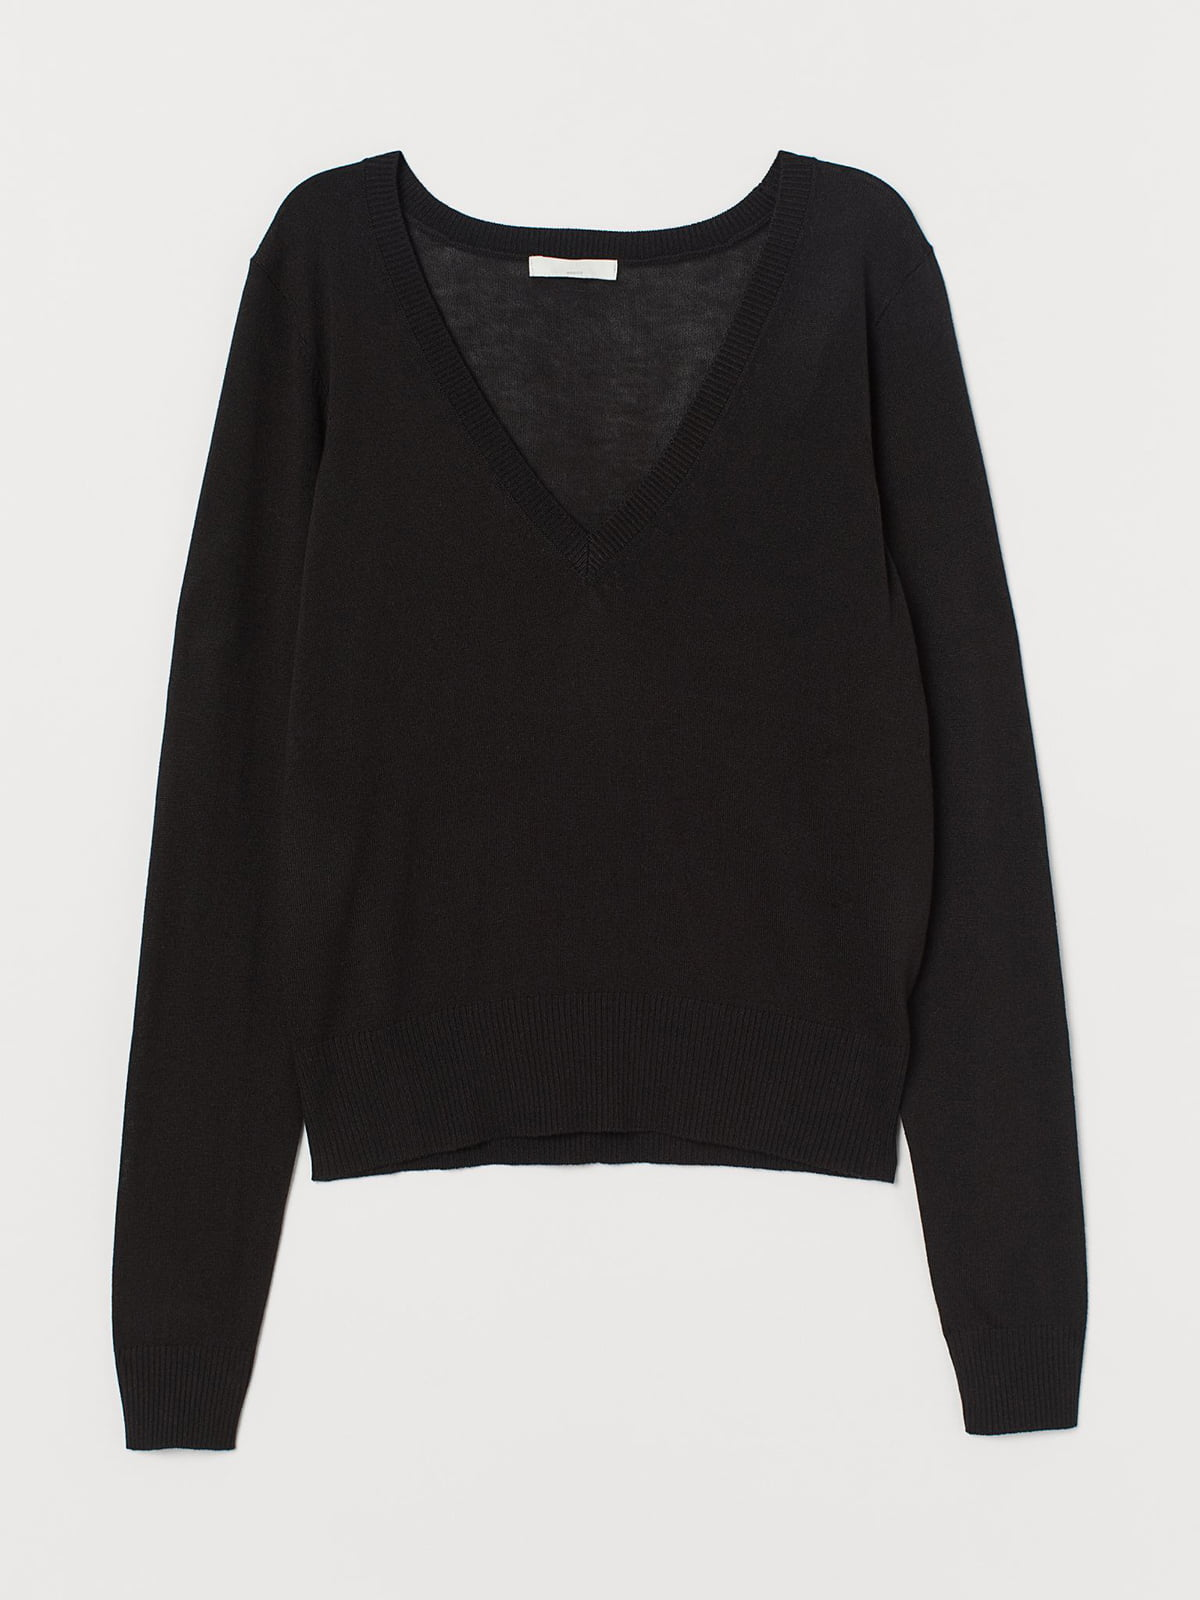 Пуловер чорний | 5677642